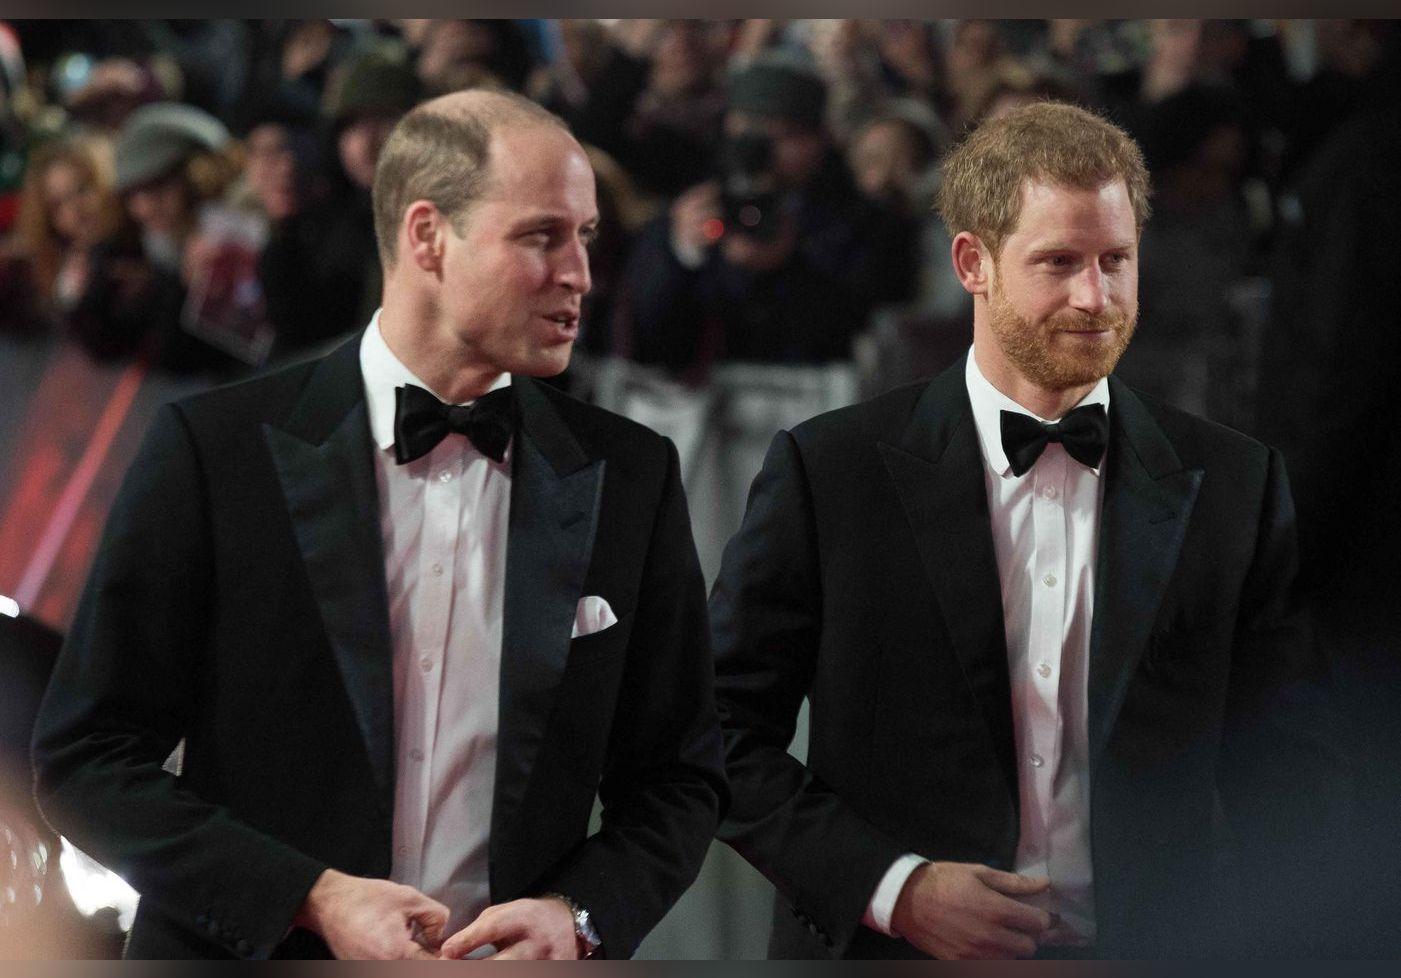 Les princes William et Harry n'ont parlé que d'une seule chose après l'interview avec Oprah Winfrey